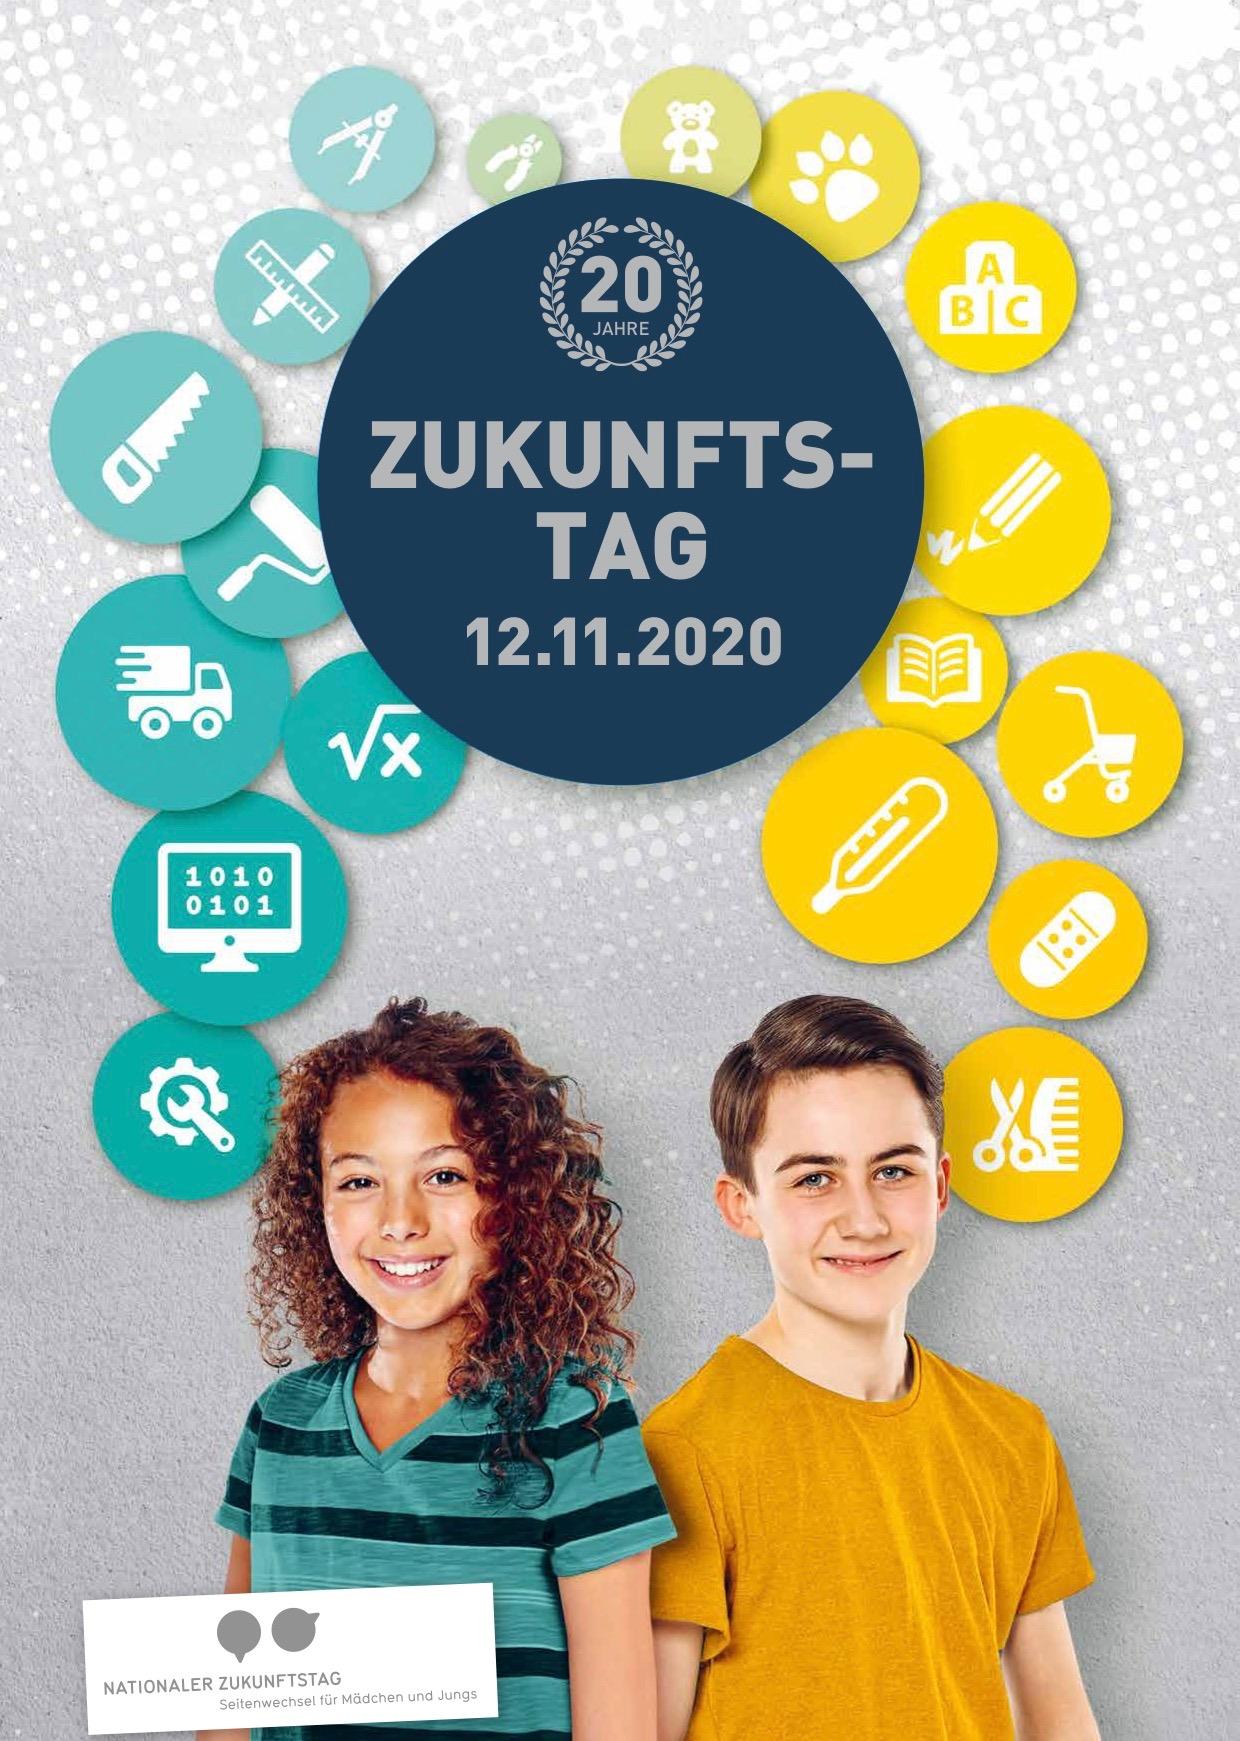 Zukunftstag im Augencenter Wollishofen